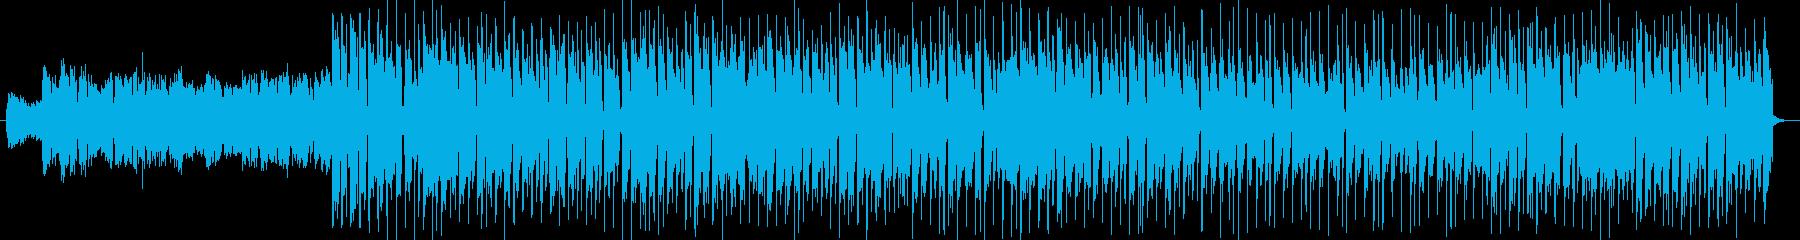 ゲイ・ゴードンの幸福な高揚感のある...の再生済みの波形